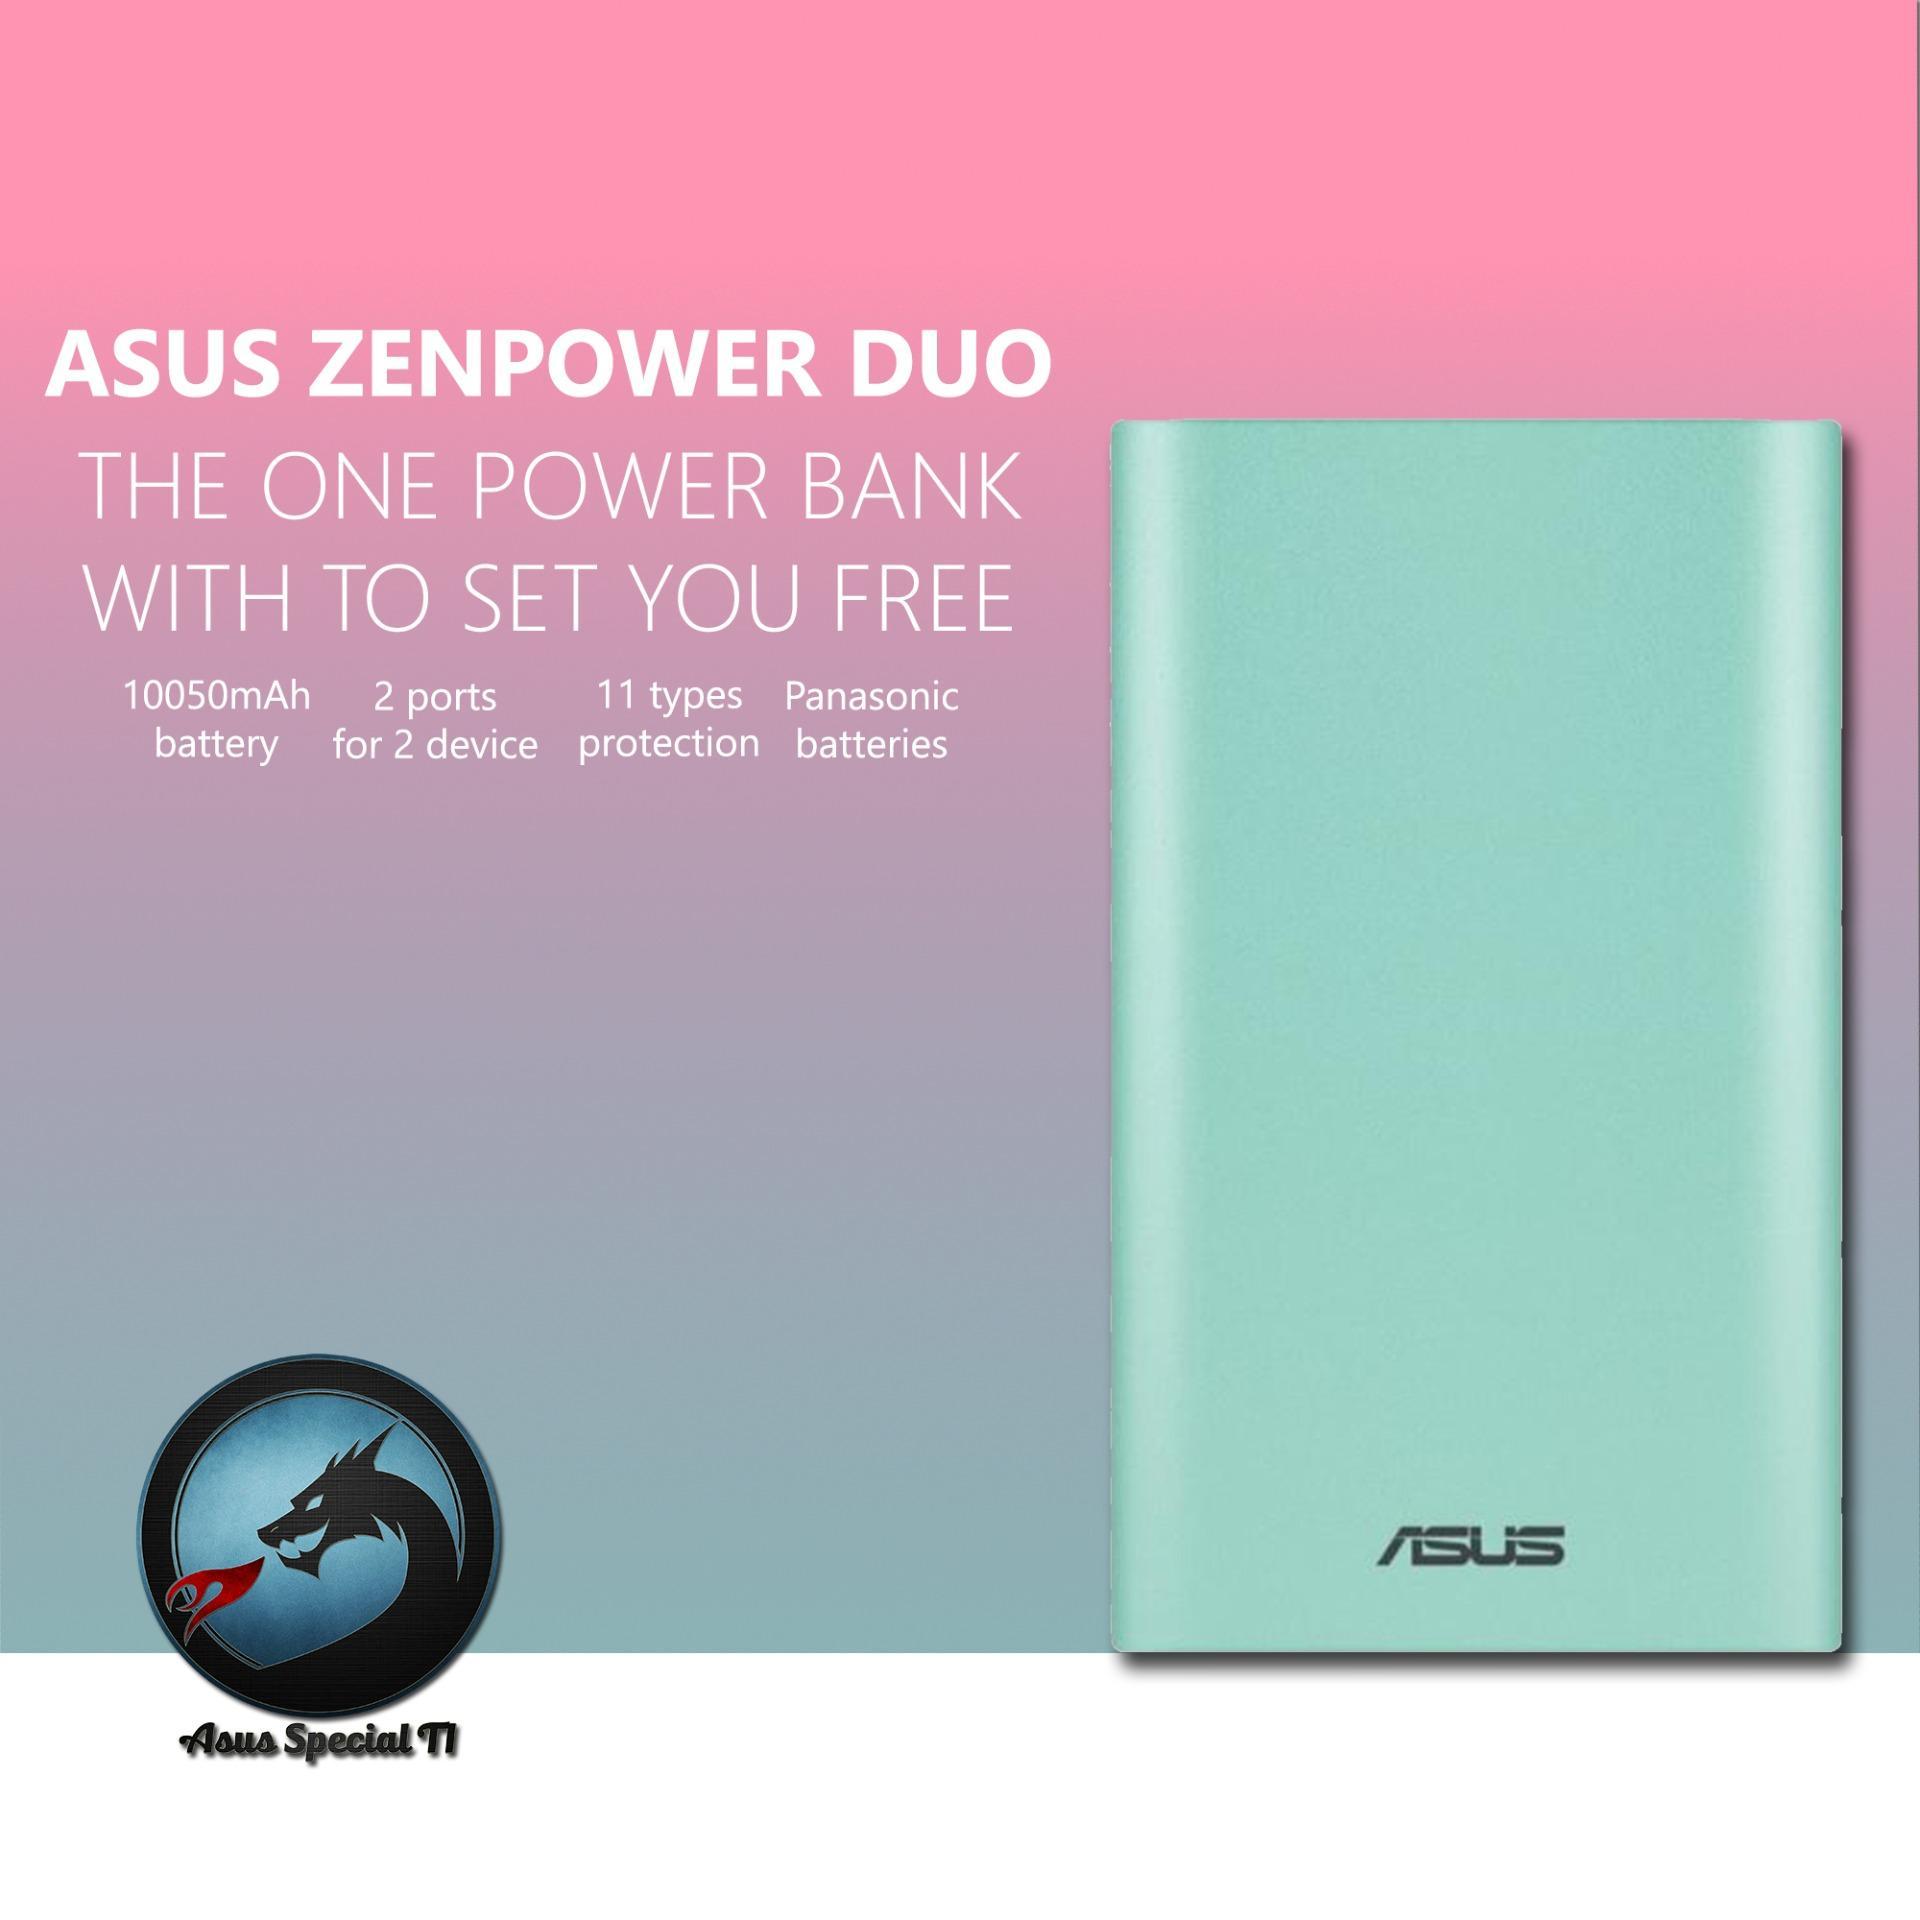 Cara Beli Asus Zenpower Duo 10050Mah Dual Port With Led Flash Garansi Resmi